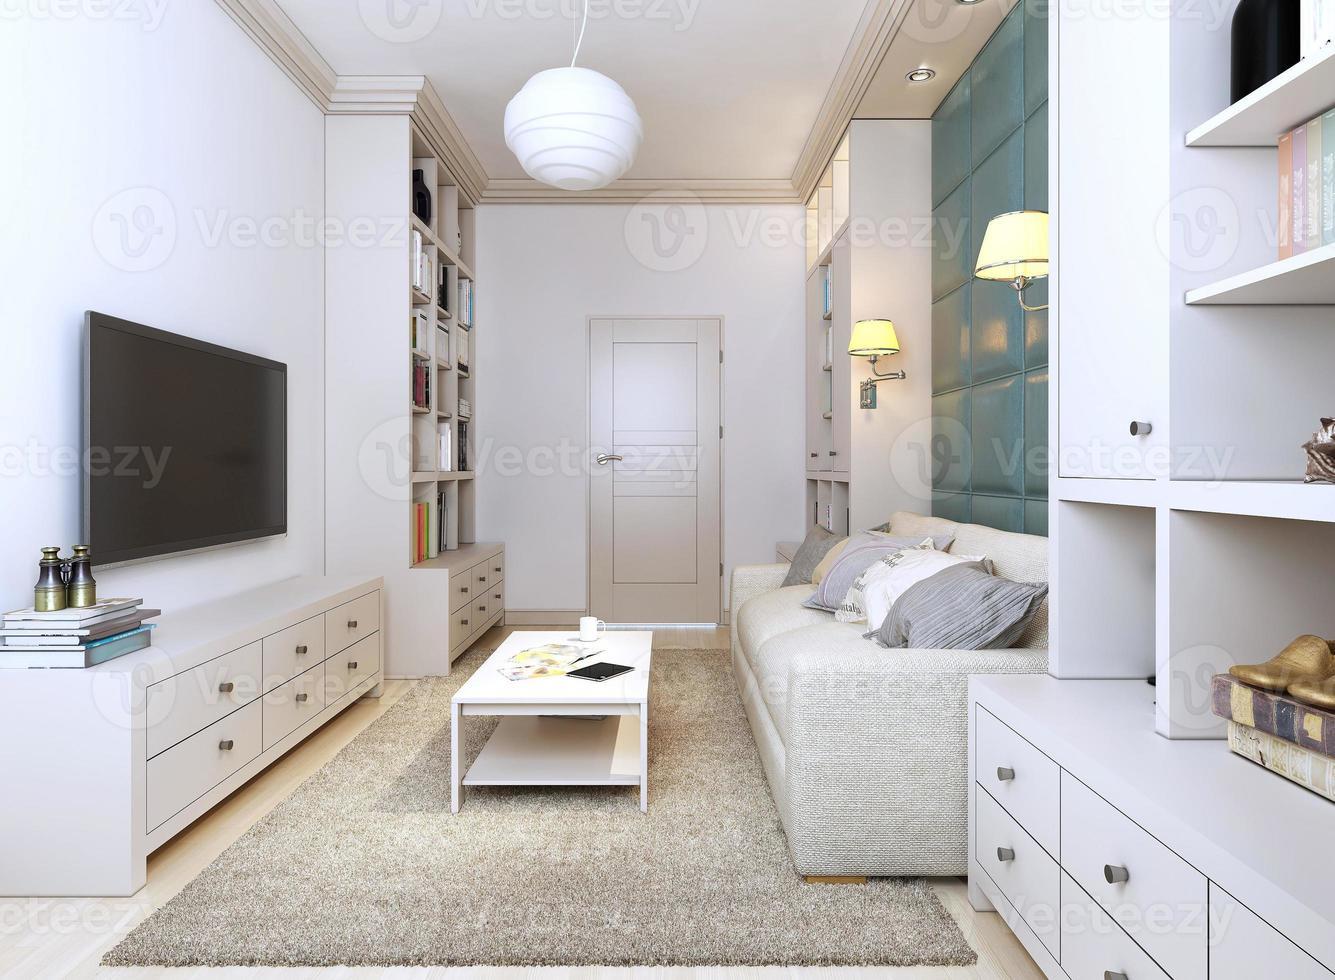 habitación de estilo contemporáneo foto